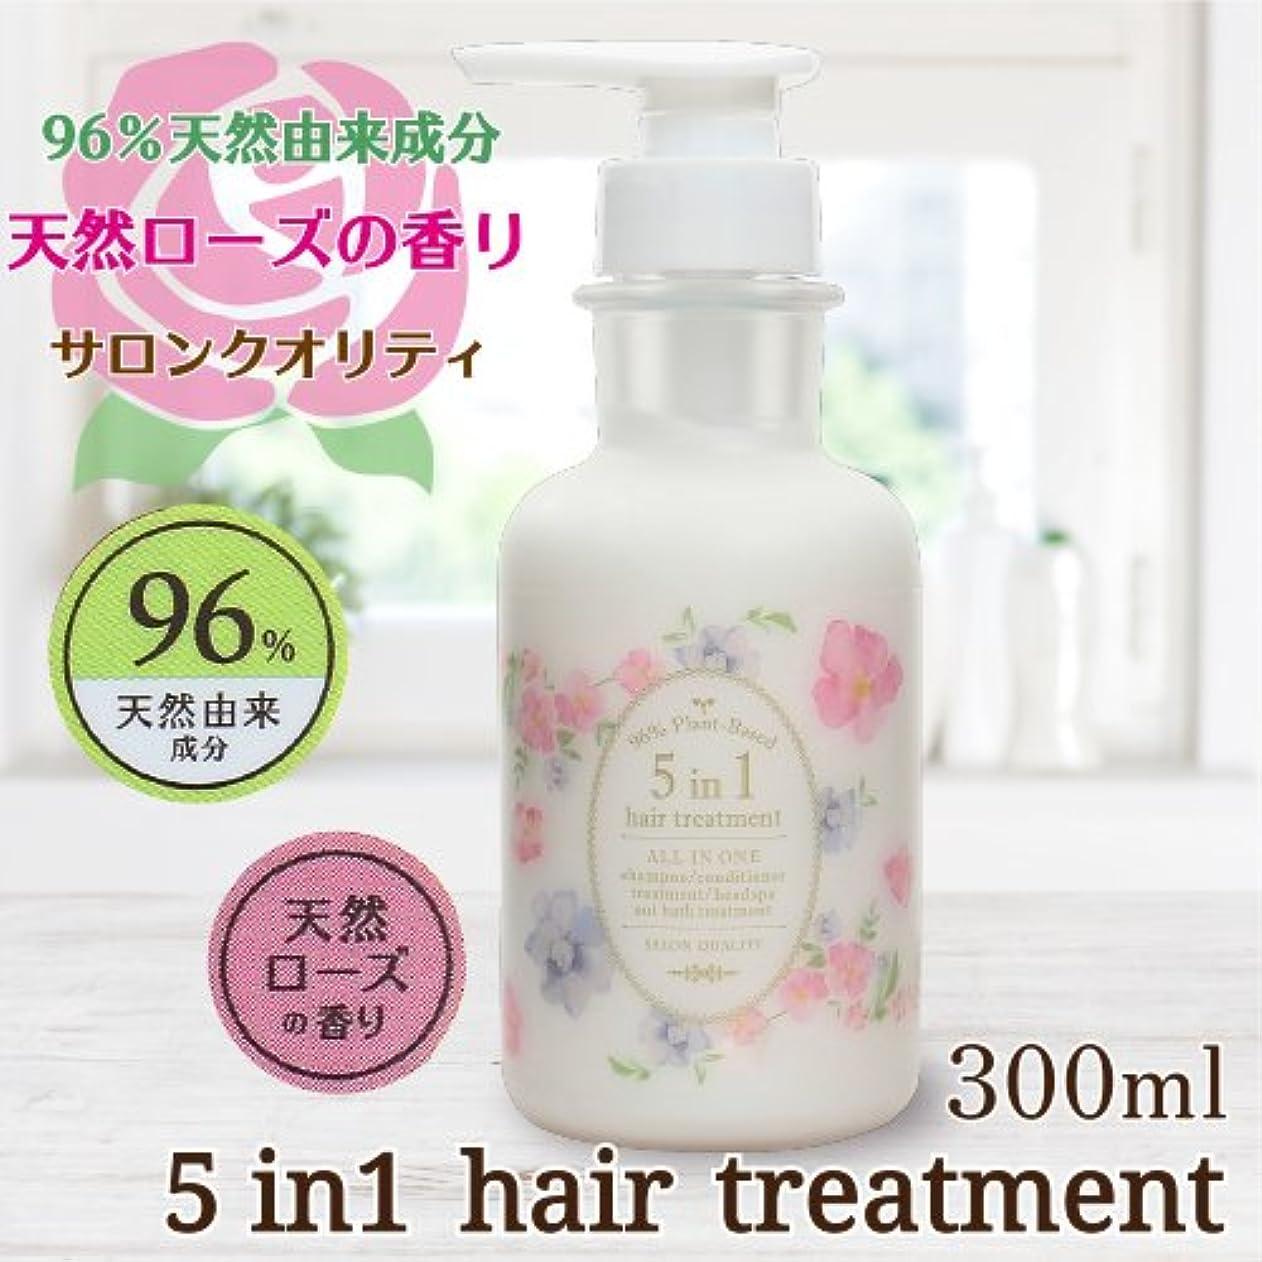 ペグ歯科のマイナス5in1 hair treatment